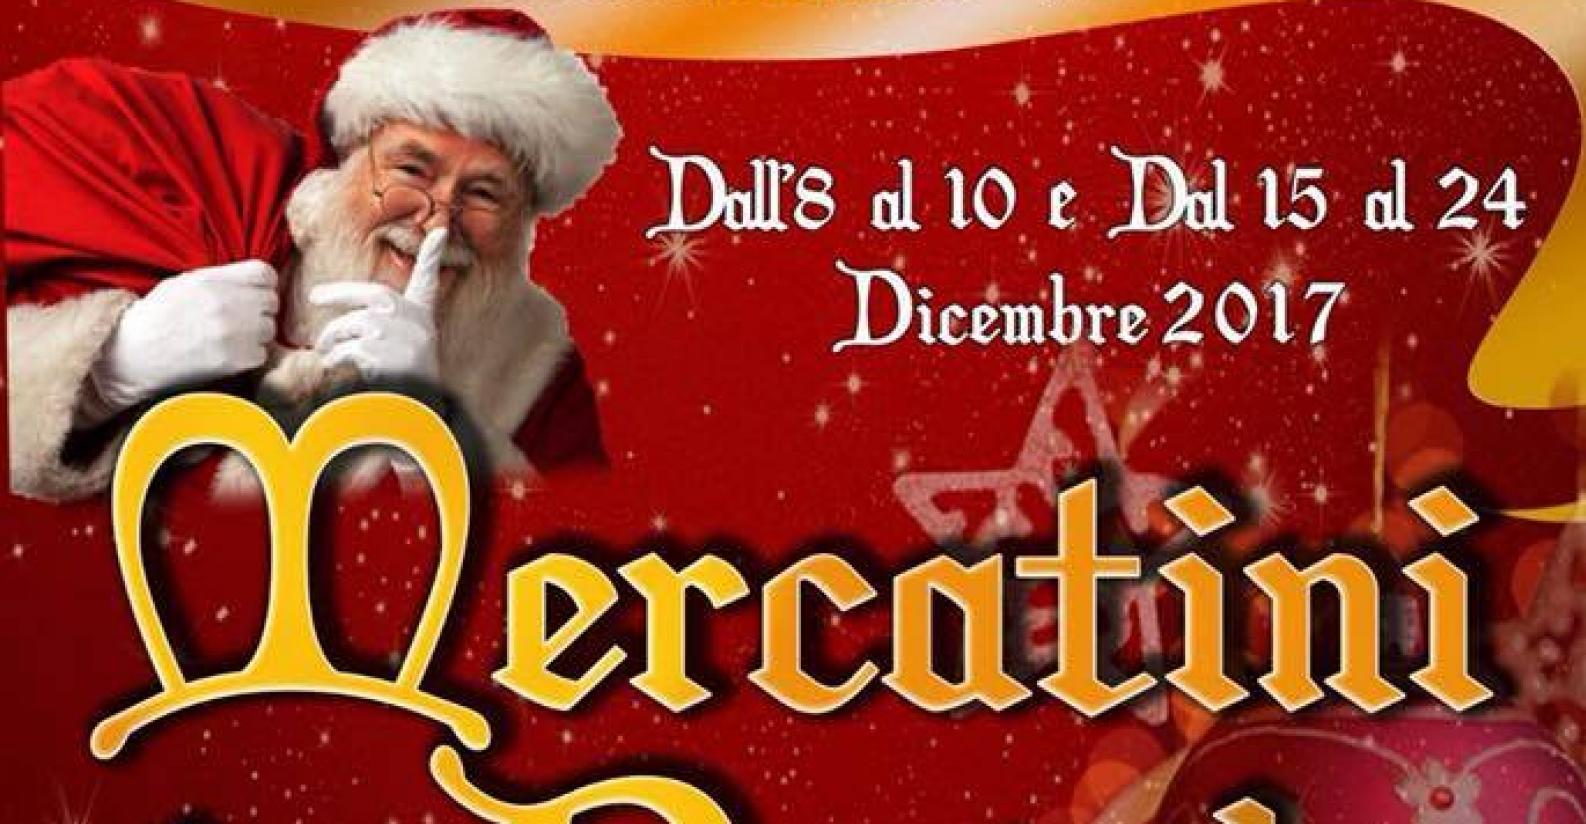 Sito Ufficiale Di Babbo Natale.Natale A Iglesias Sardegnaturismo Sito Ufficiale Del Turismo Della Regione Sardegna